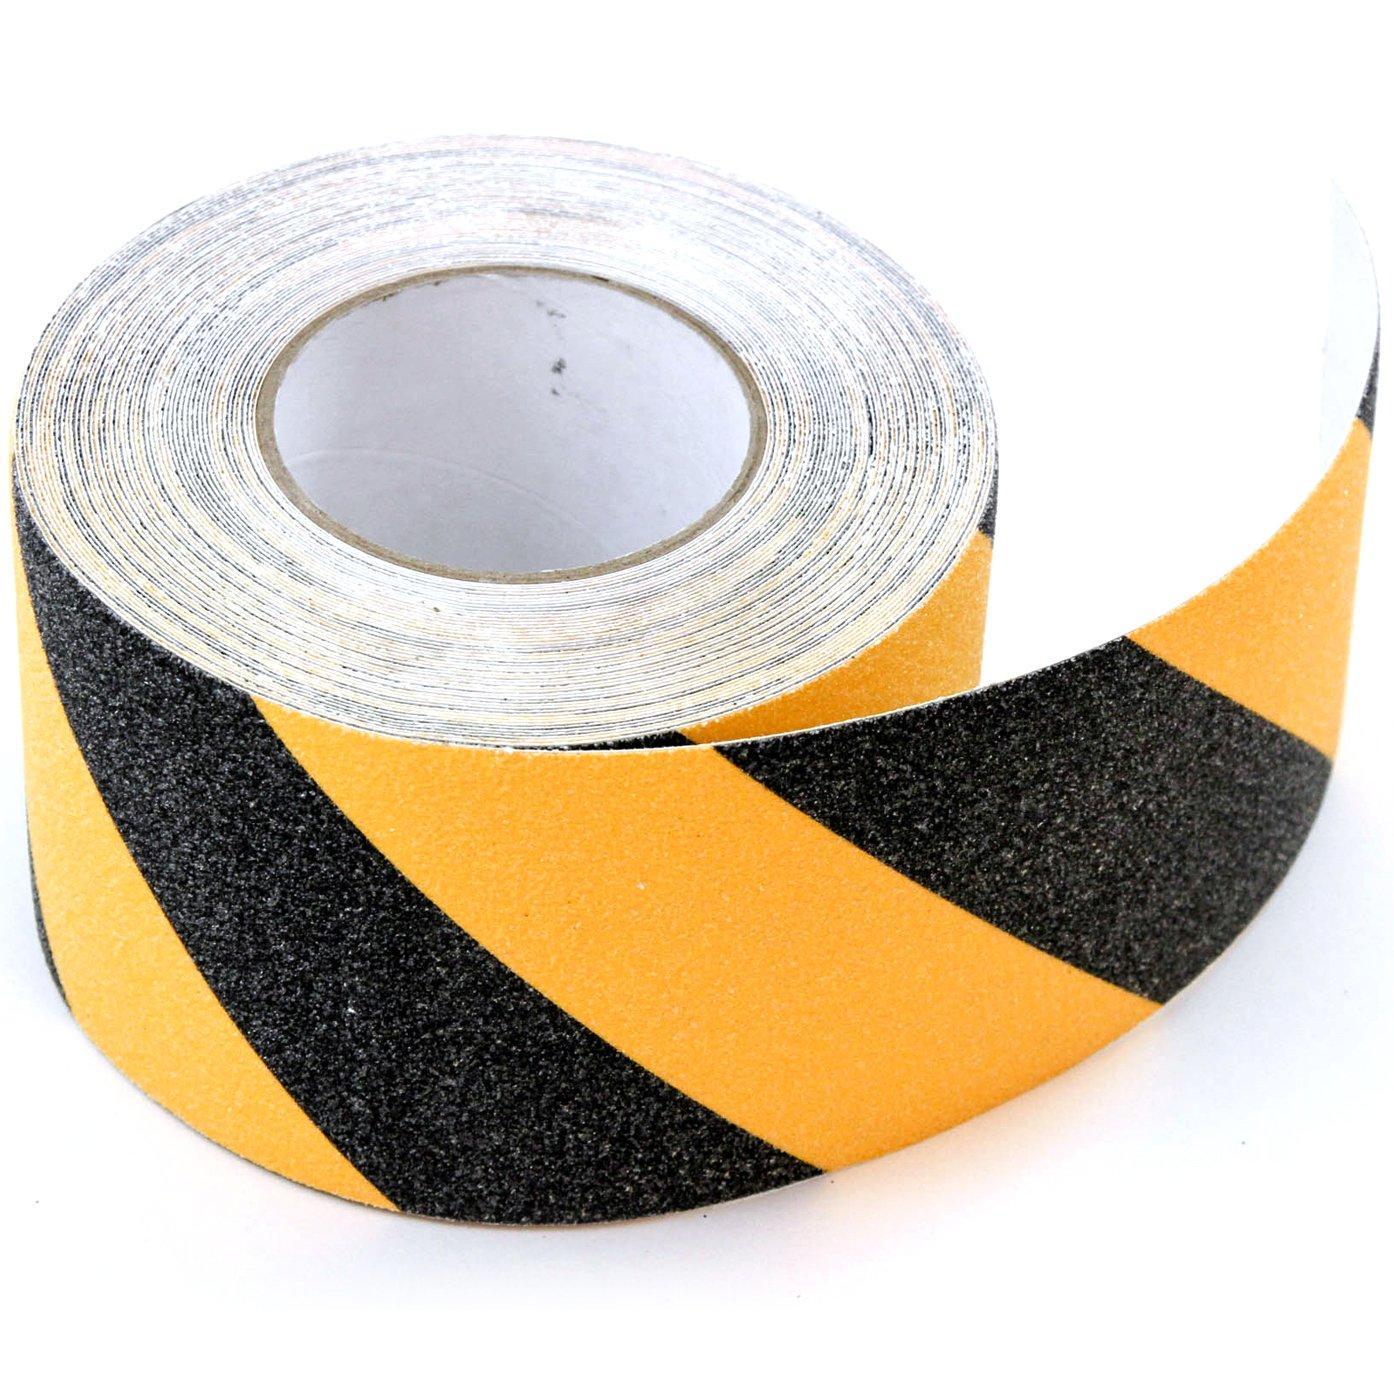 Red Hound Auto 4' x 60' Safety Non-Skid Anti-Slip Grit Grip Tape Black Yellow